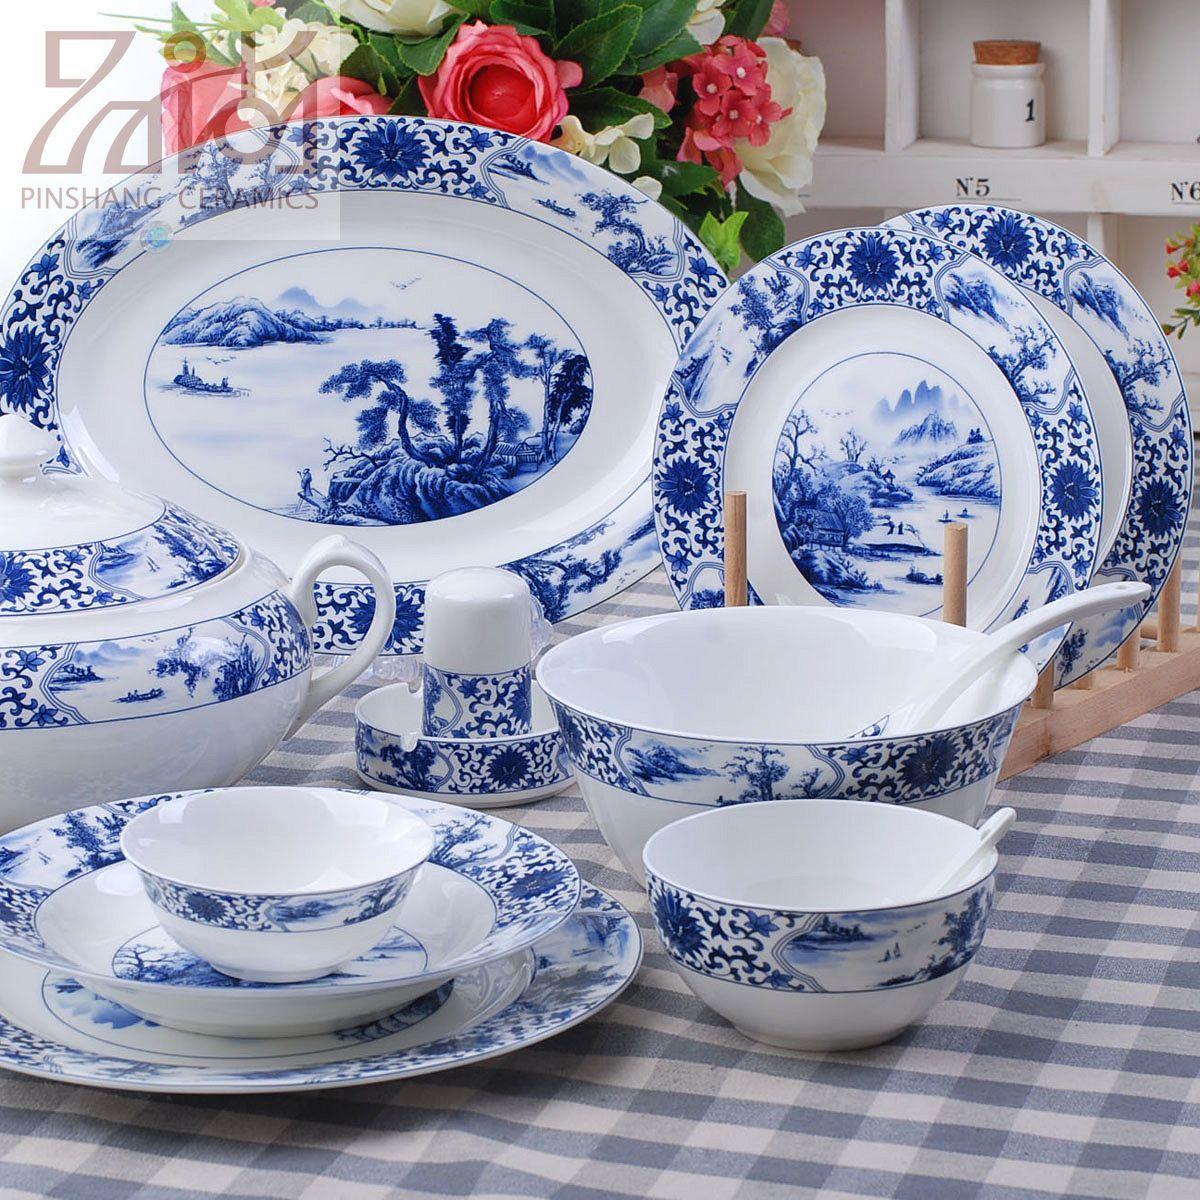 Европейский суд 56 высококлассные Jingdezhen керамическая синий и белый глазурью костяного фарфора посуда набор